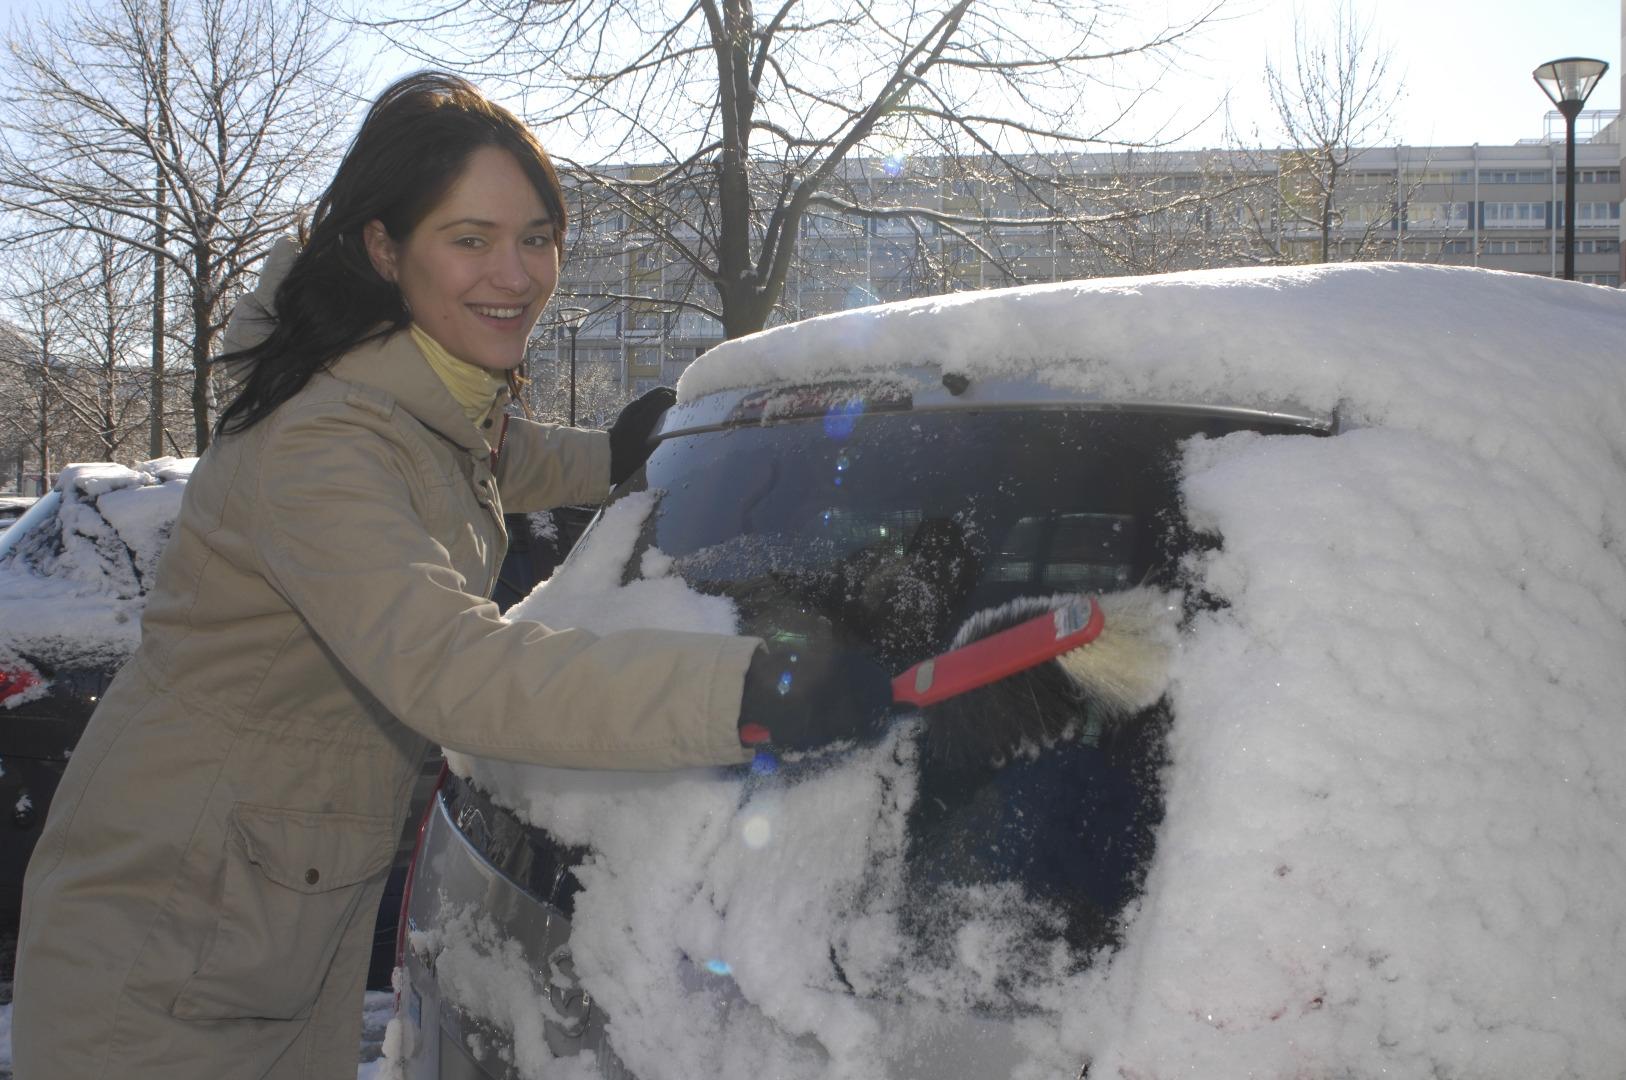 Fehler beim Fahren im Winter vermeiden